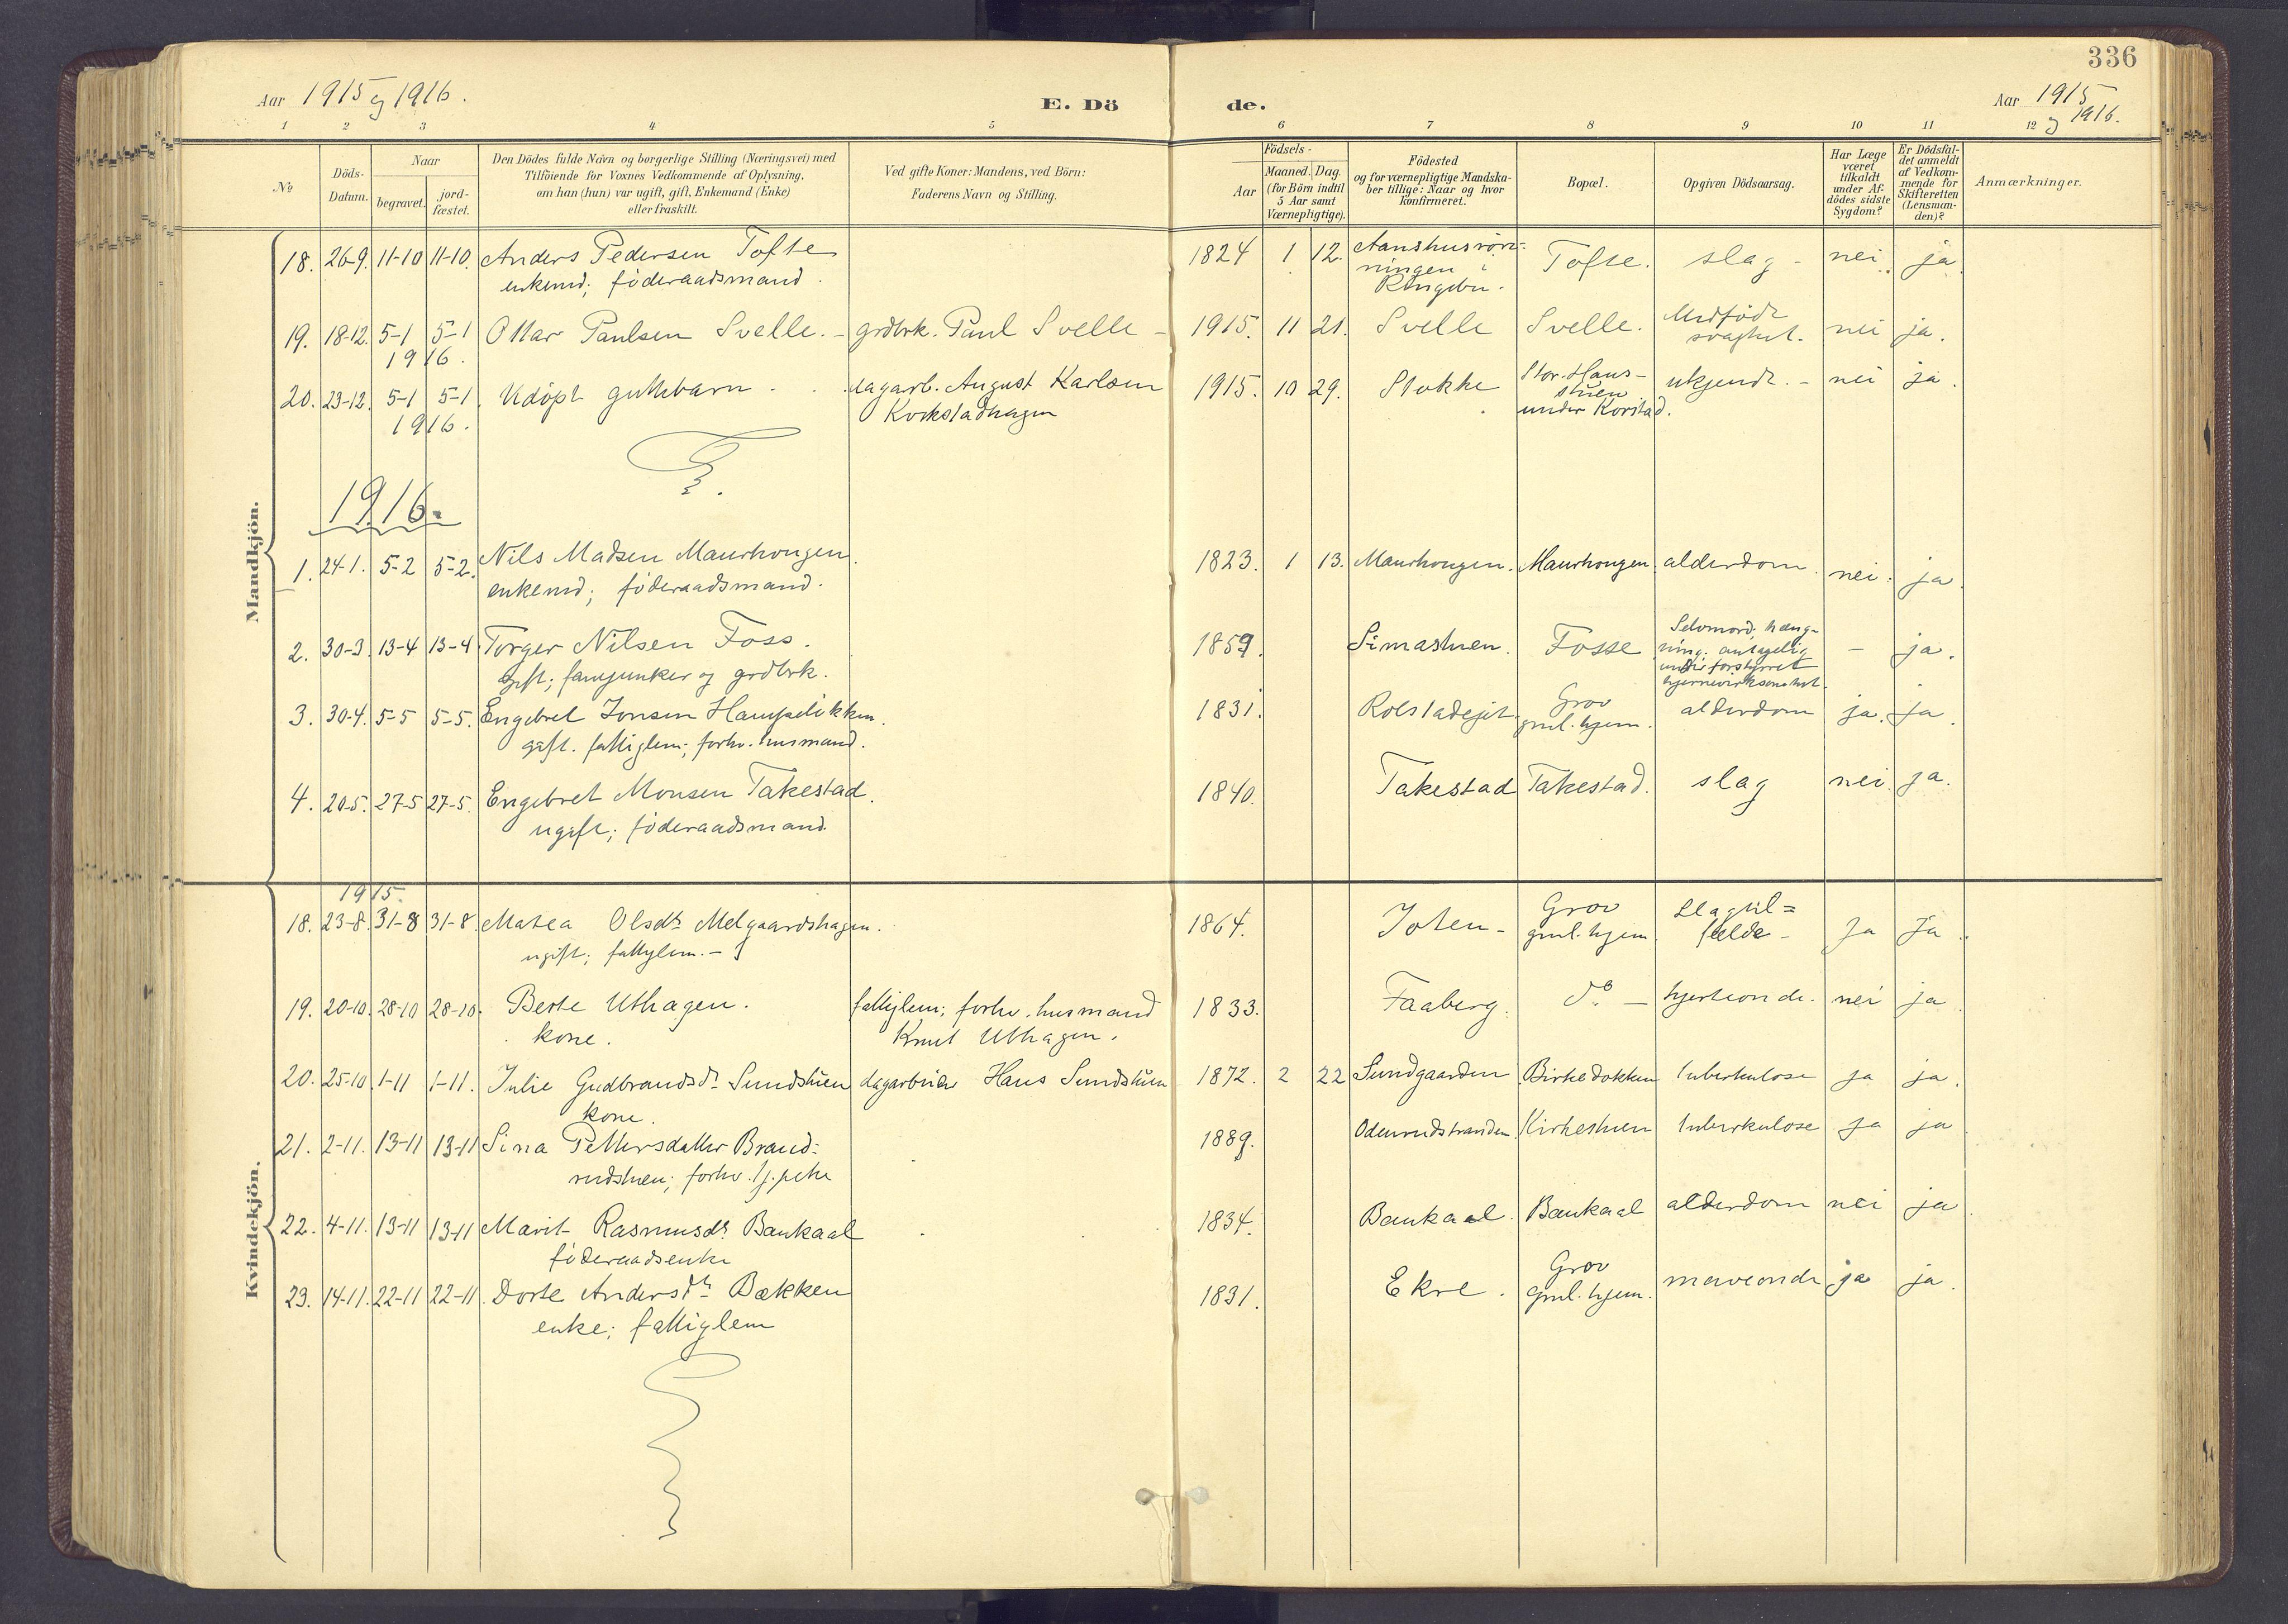 SAH, Sør-Fron prestekontor, H/Ha/Haa/L0004: Ministerialbok nr. 4, 1898-1919, s. 336